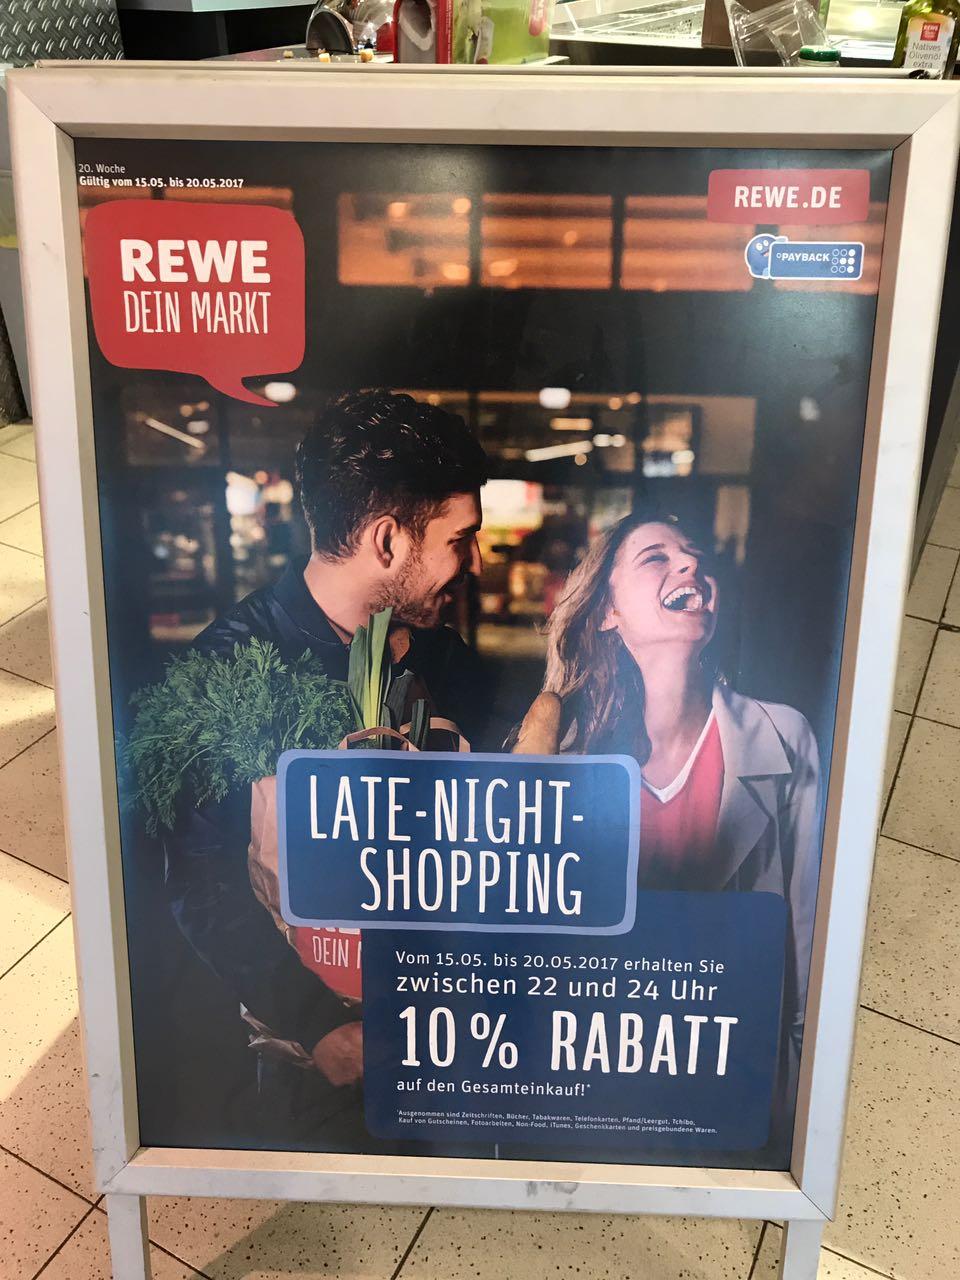 REWE Late-Night-Shopping 10% Rabatt auf den GESAMTEINKAUF